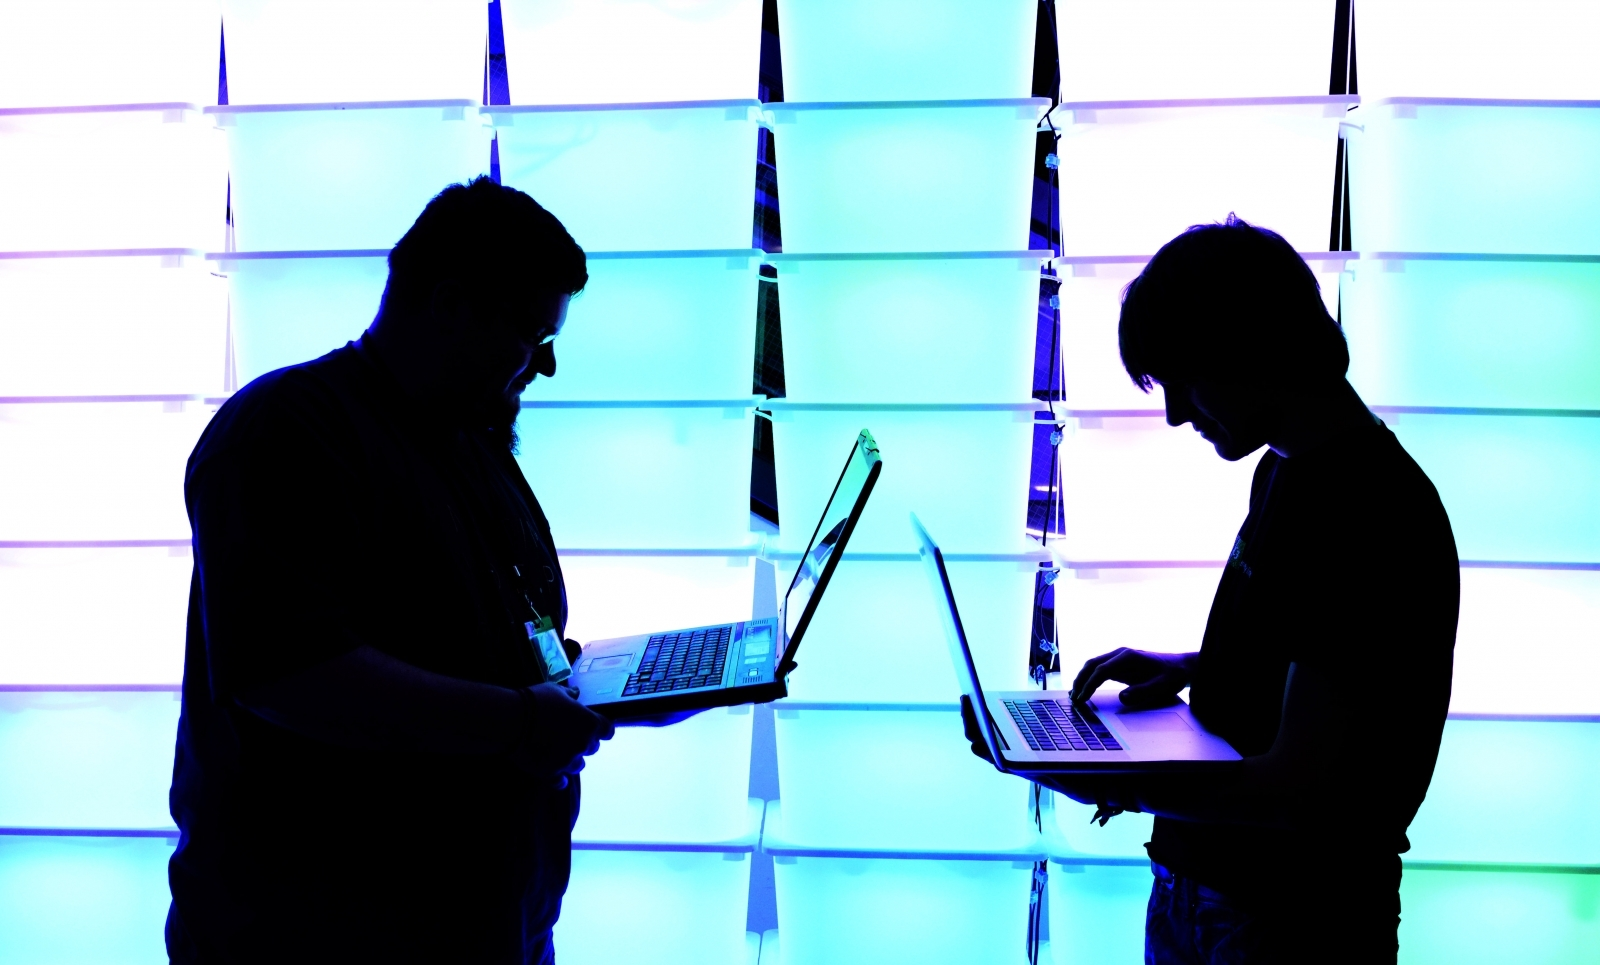 Men on laptops